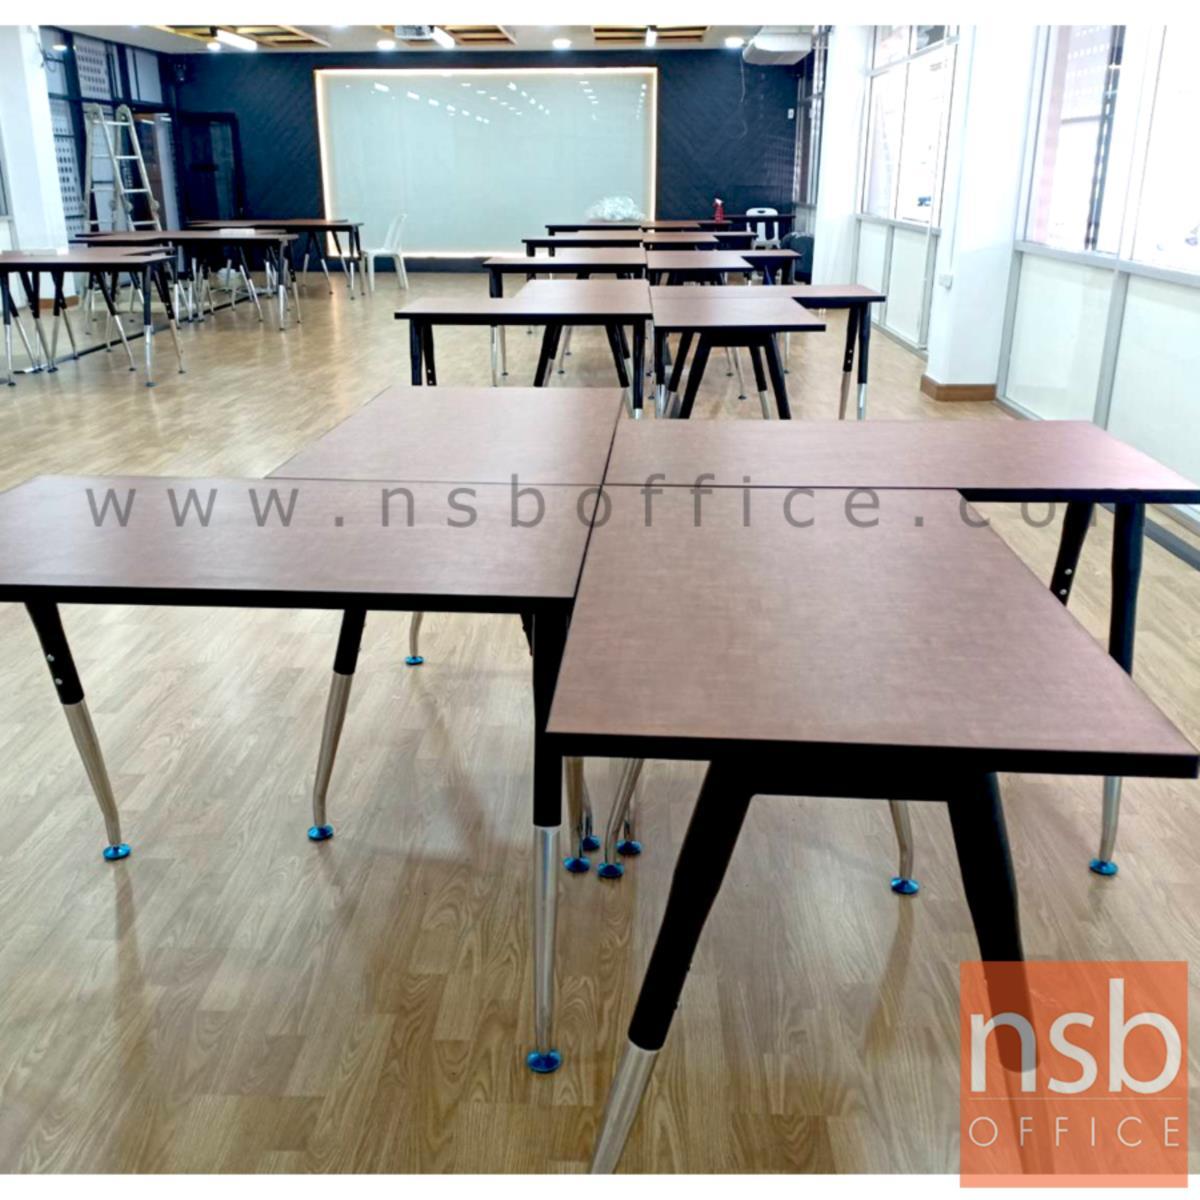 โต๊ะทำงานโล่ง MODERN-13  ขาเหล็กวีคว่ำ ปลายเรียว